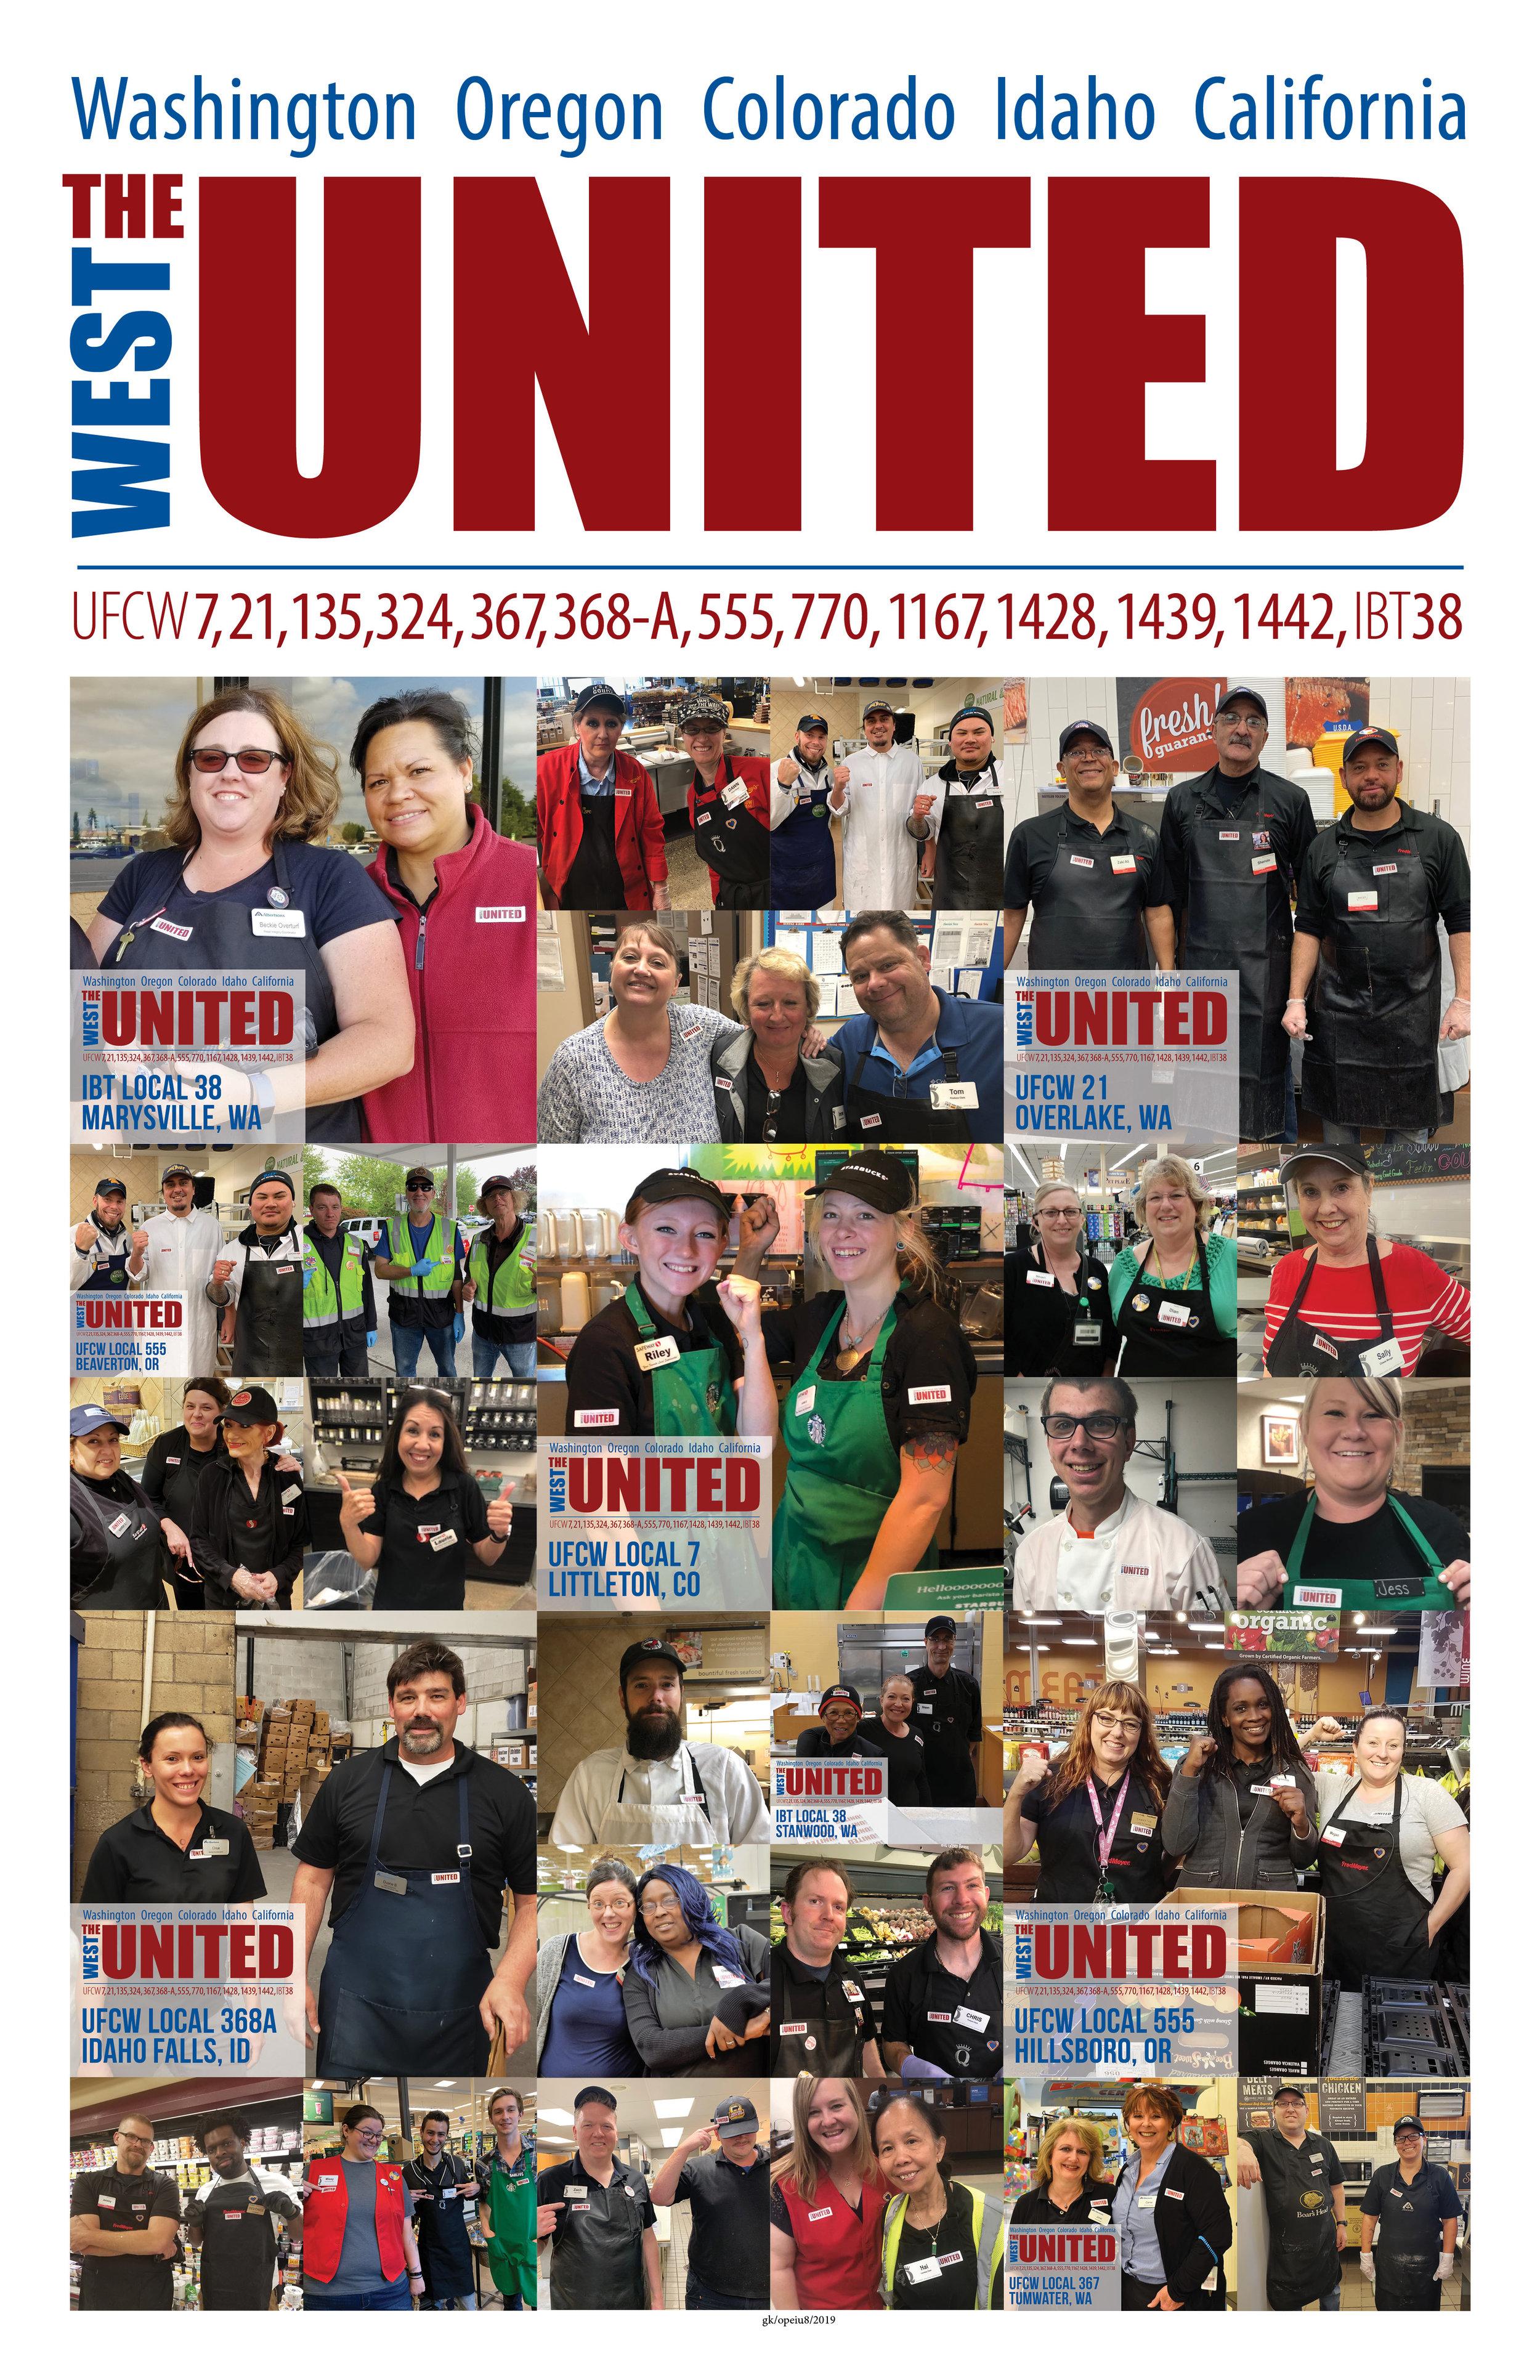 2019 The Wst United poster.jpg